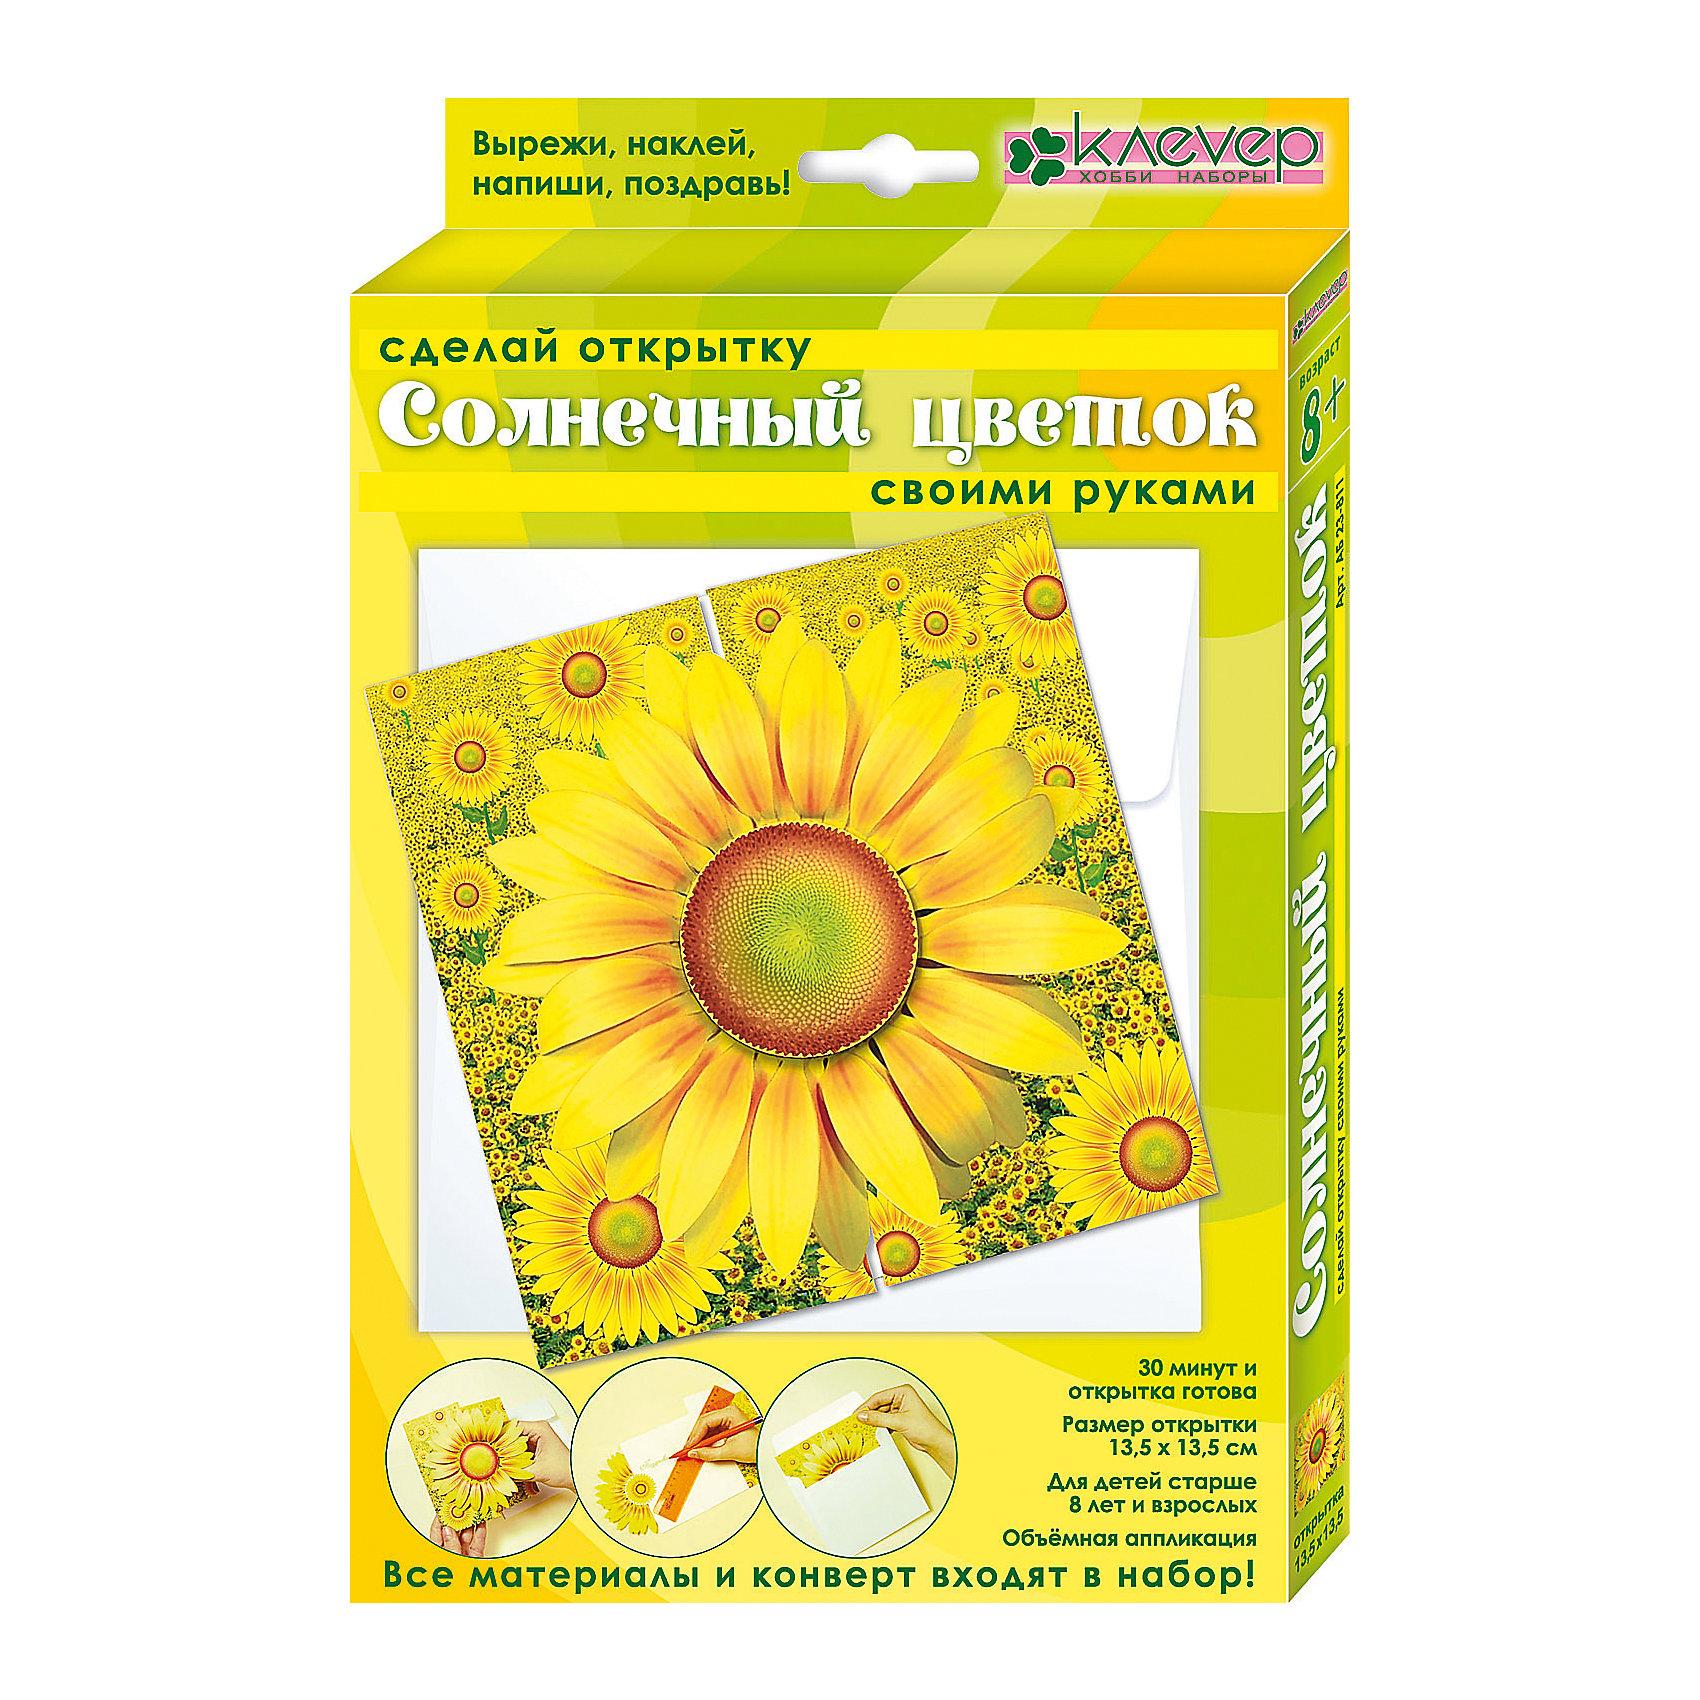 Набор для изготовления открытки Солнечный цветокБумага<br>Характеристики:<br><br>• Коллекция: объемная открытка<br>• Тематика: цветы<br>• Уровень сложности: средний<br>• Материал: бумага, скотч<br>• Комплектация: набор цветной бумаги, основа, скотч, инструкция<br>• Форма открытки: 3d<br>• Размеры готовой открытки (Ш*В): 13,6*13,6 см<br>• Размеры (Д*Ш*В): 22*14*15 см<br>• Вес: 100 г <br>• Упаковка: картонный конверт<br><br>Уникальность данных наборов заключается в том, что они состоят из материалов разных фактур. Благодаря использованию двухстороннего скотча, рабочее место и одежда ребенка не будет испачкана, а поделка будет выглядеть объемной и аккуратной.<br><br>Набор для изготовления открытки Солнечный цветок состоит из всех необходимых материалов и инструментов для создания поздравительной открытки с изображением цветка подсолнуха. <br><br>Набор для изготовления открытки Солнечный цветок можно купить в нашем интернет-магазине.<br><br>Ширина мм: 220<br>Глубина мм: 140<br>Высота мм: 150<br>Вес г: 100<br>Возраст от месяцев: 96<br>Возраст до месяцев: 144<br>Пол: Унисекс<br>Возраст: Детский<br>SKU: 5541583